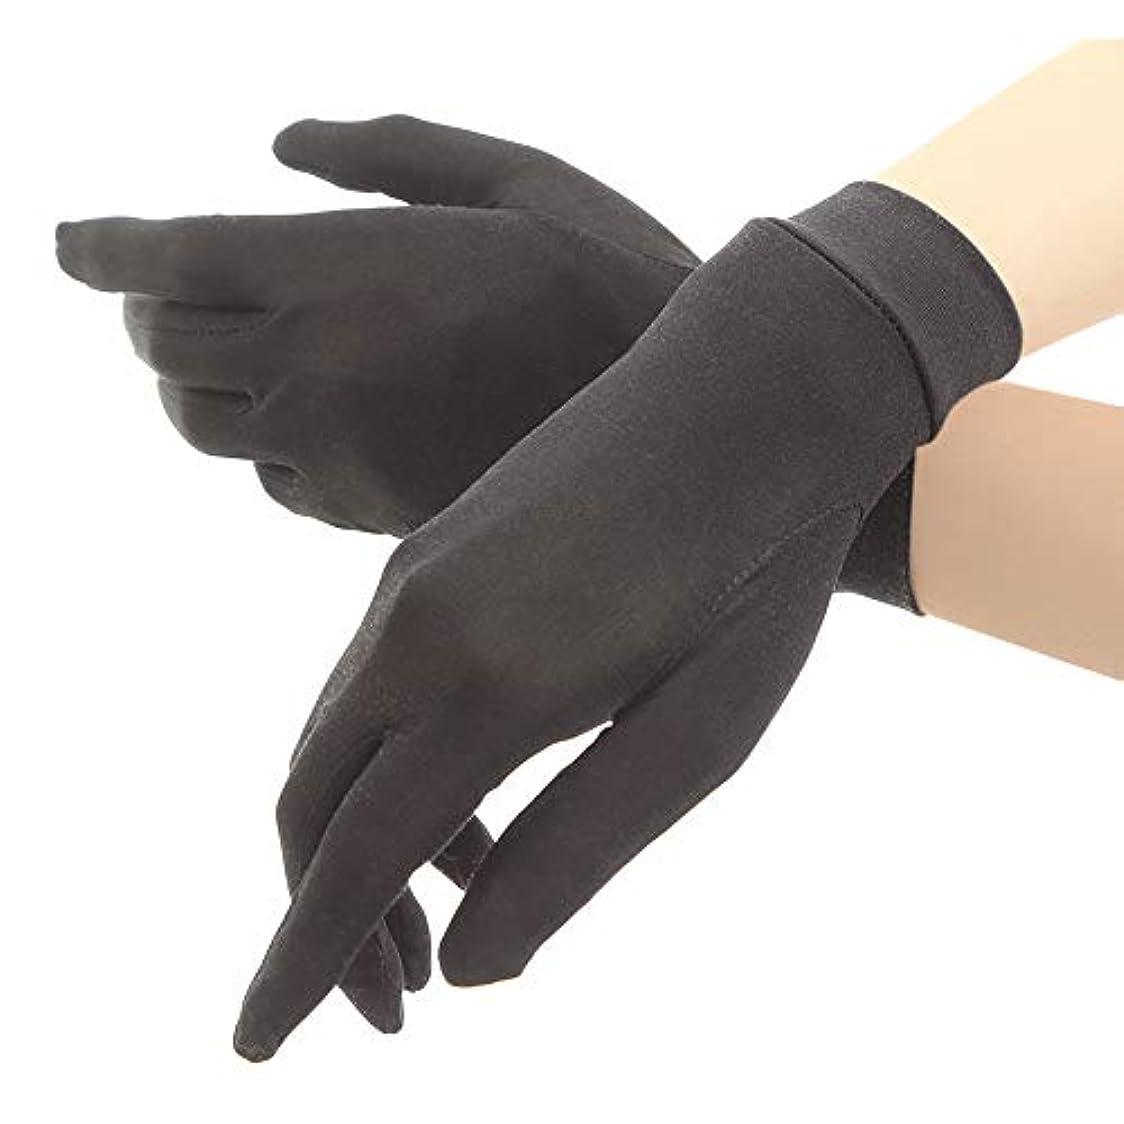 ストレンジャー非アクティブ剥ぎ取るシルク手袋 レディース 手袋 シルク 絹 ハンド ケア 保湿 紫外線 肌荒れ 乾燥 サイズアップで手指にマッチ 【macch】